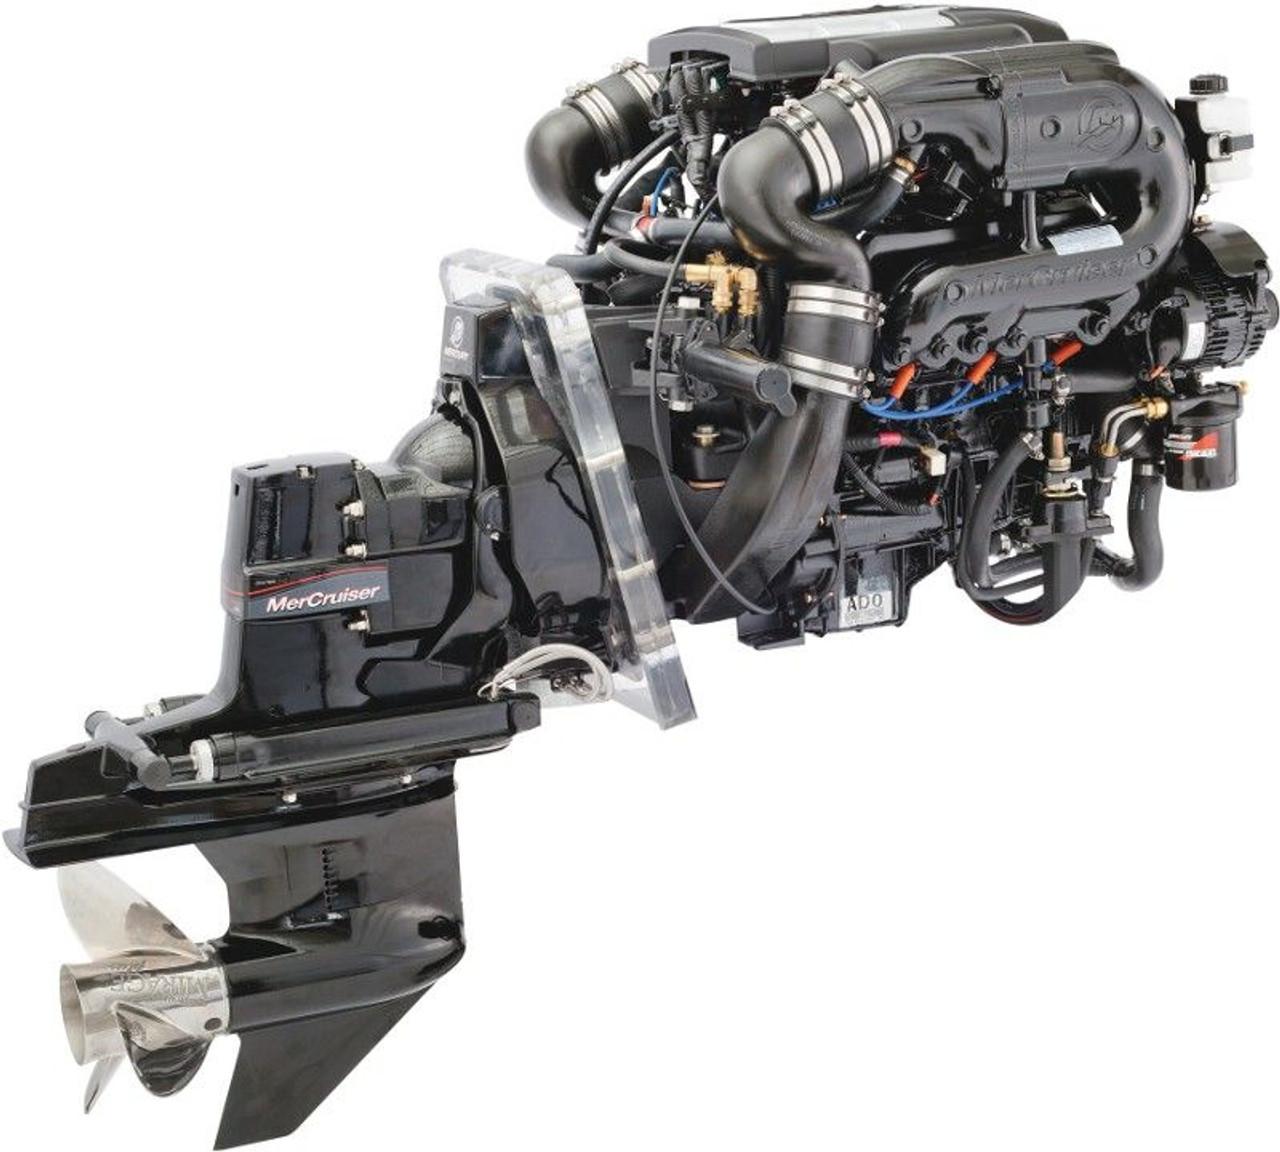 mercruiser stern drive engine factory service manual 4 mcm 120 260 rh repairmanuals4u com Mercruiser Marine Engines Mercruiser Sterndrive Resivoir